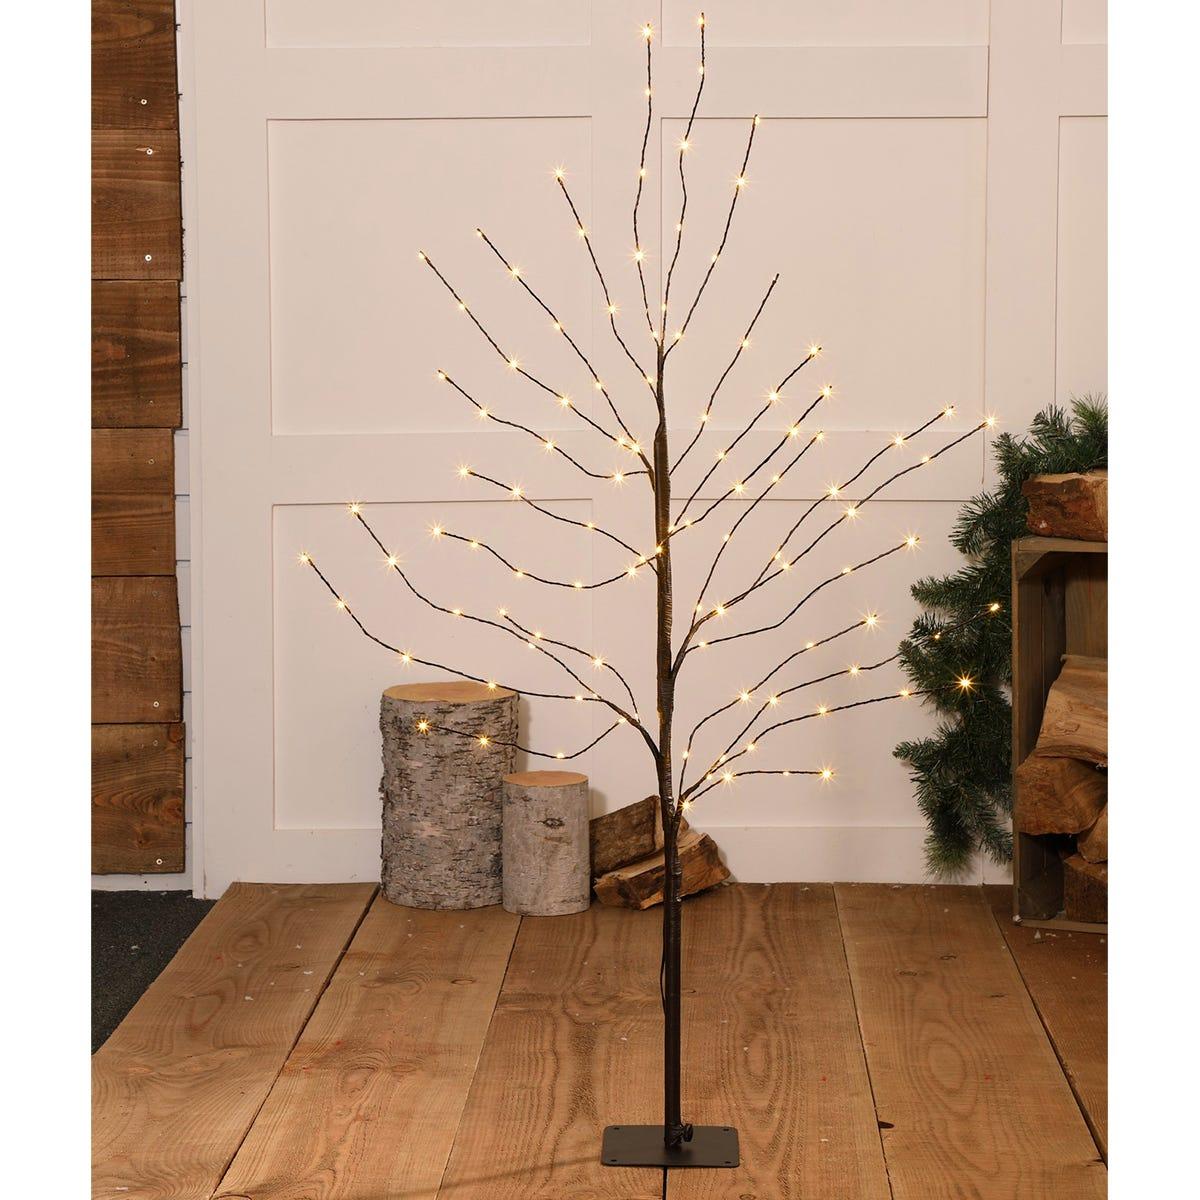 1.2m Noma Antique LED Wispy Black Tree